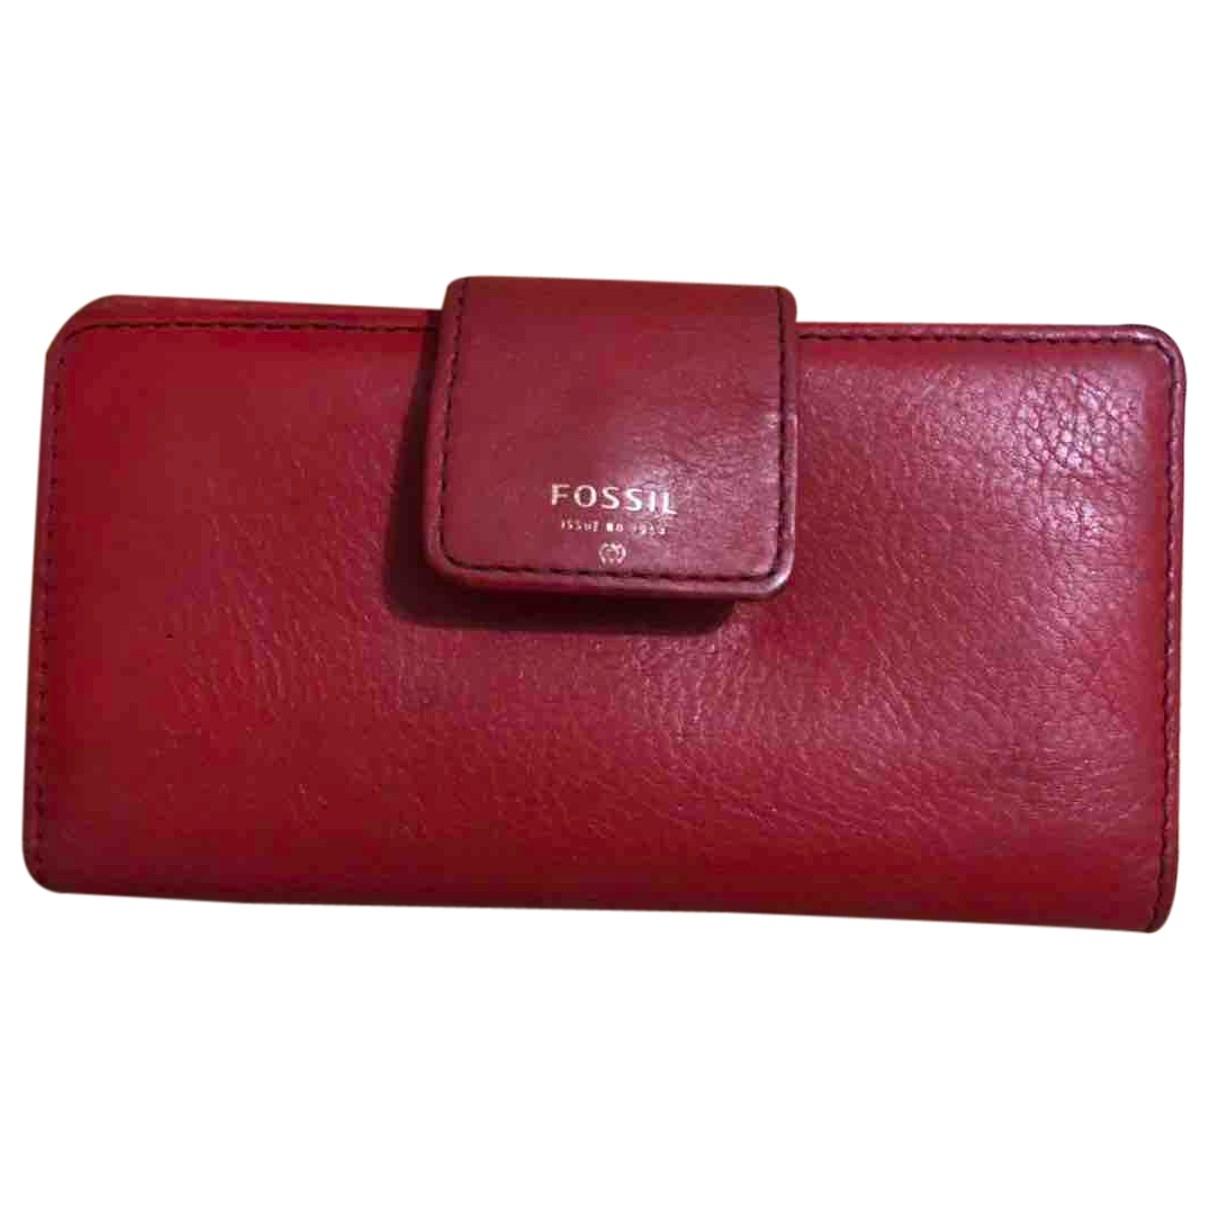 Fossil \N Portemonnaie in  Rot Leder